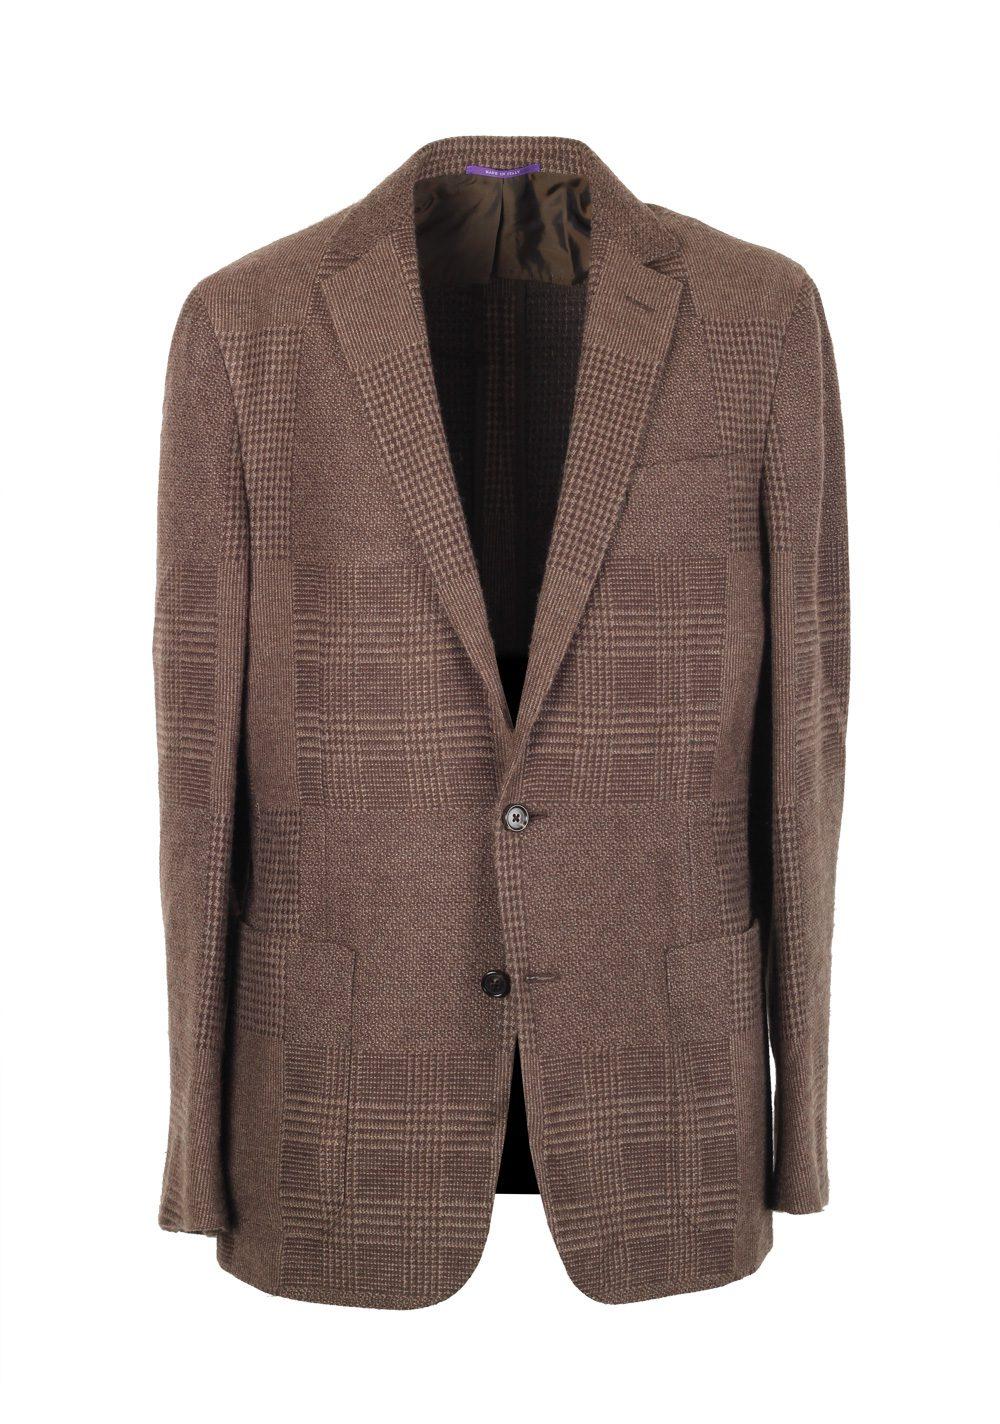 wholesale dealer f4393 e7c72 Ralph Lauren Purple Label Brown Sport Coat Size 50 / 40L U.S. In Cashmere  Blend